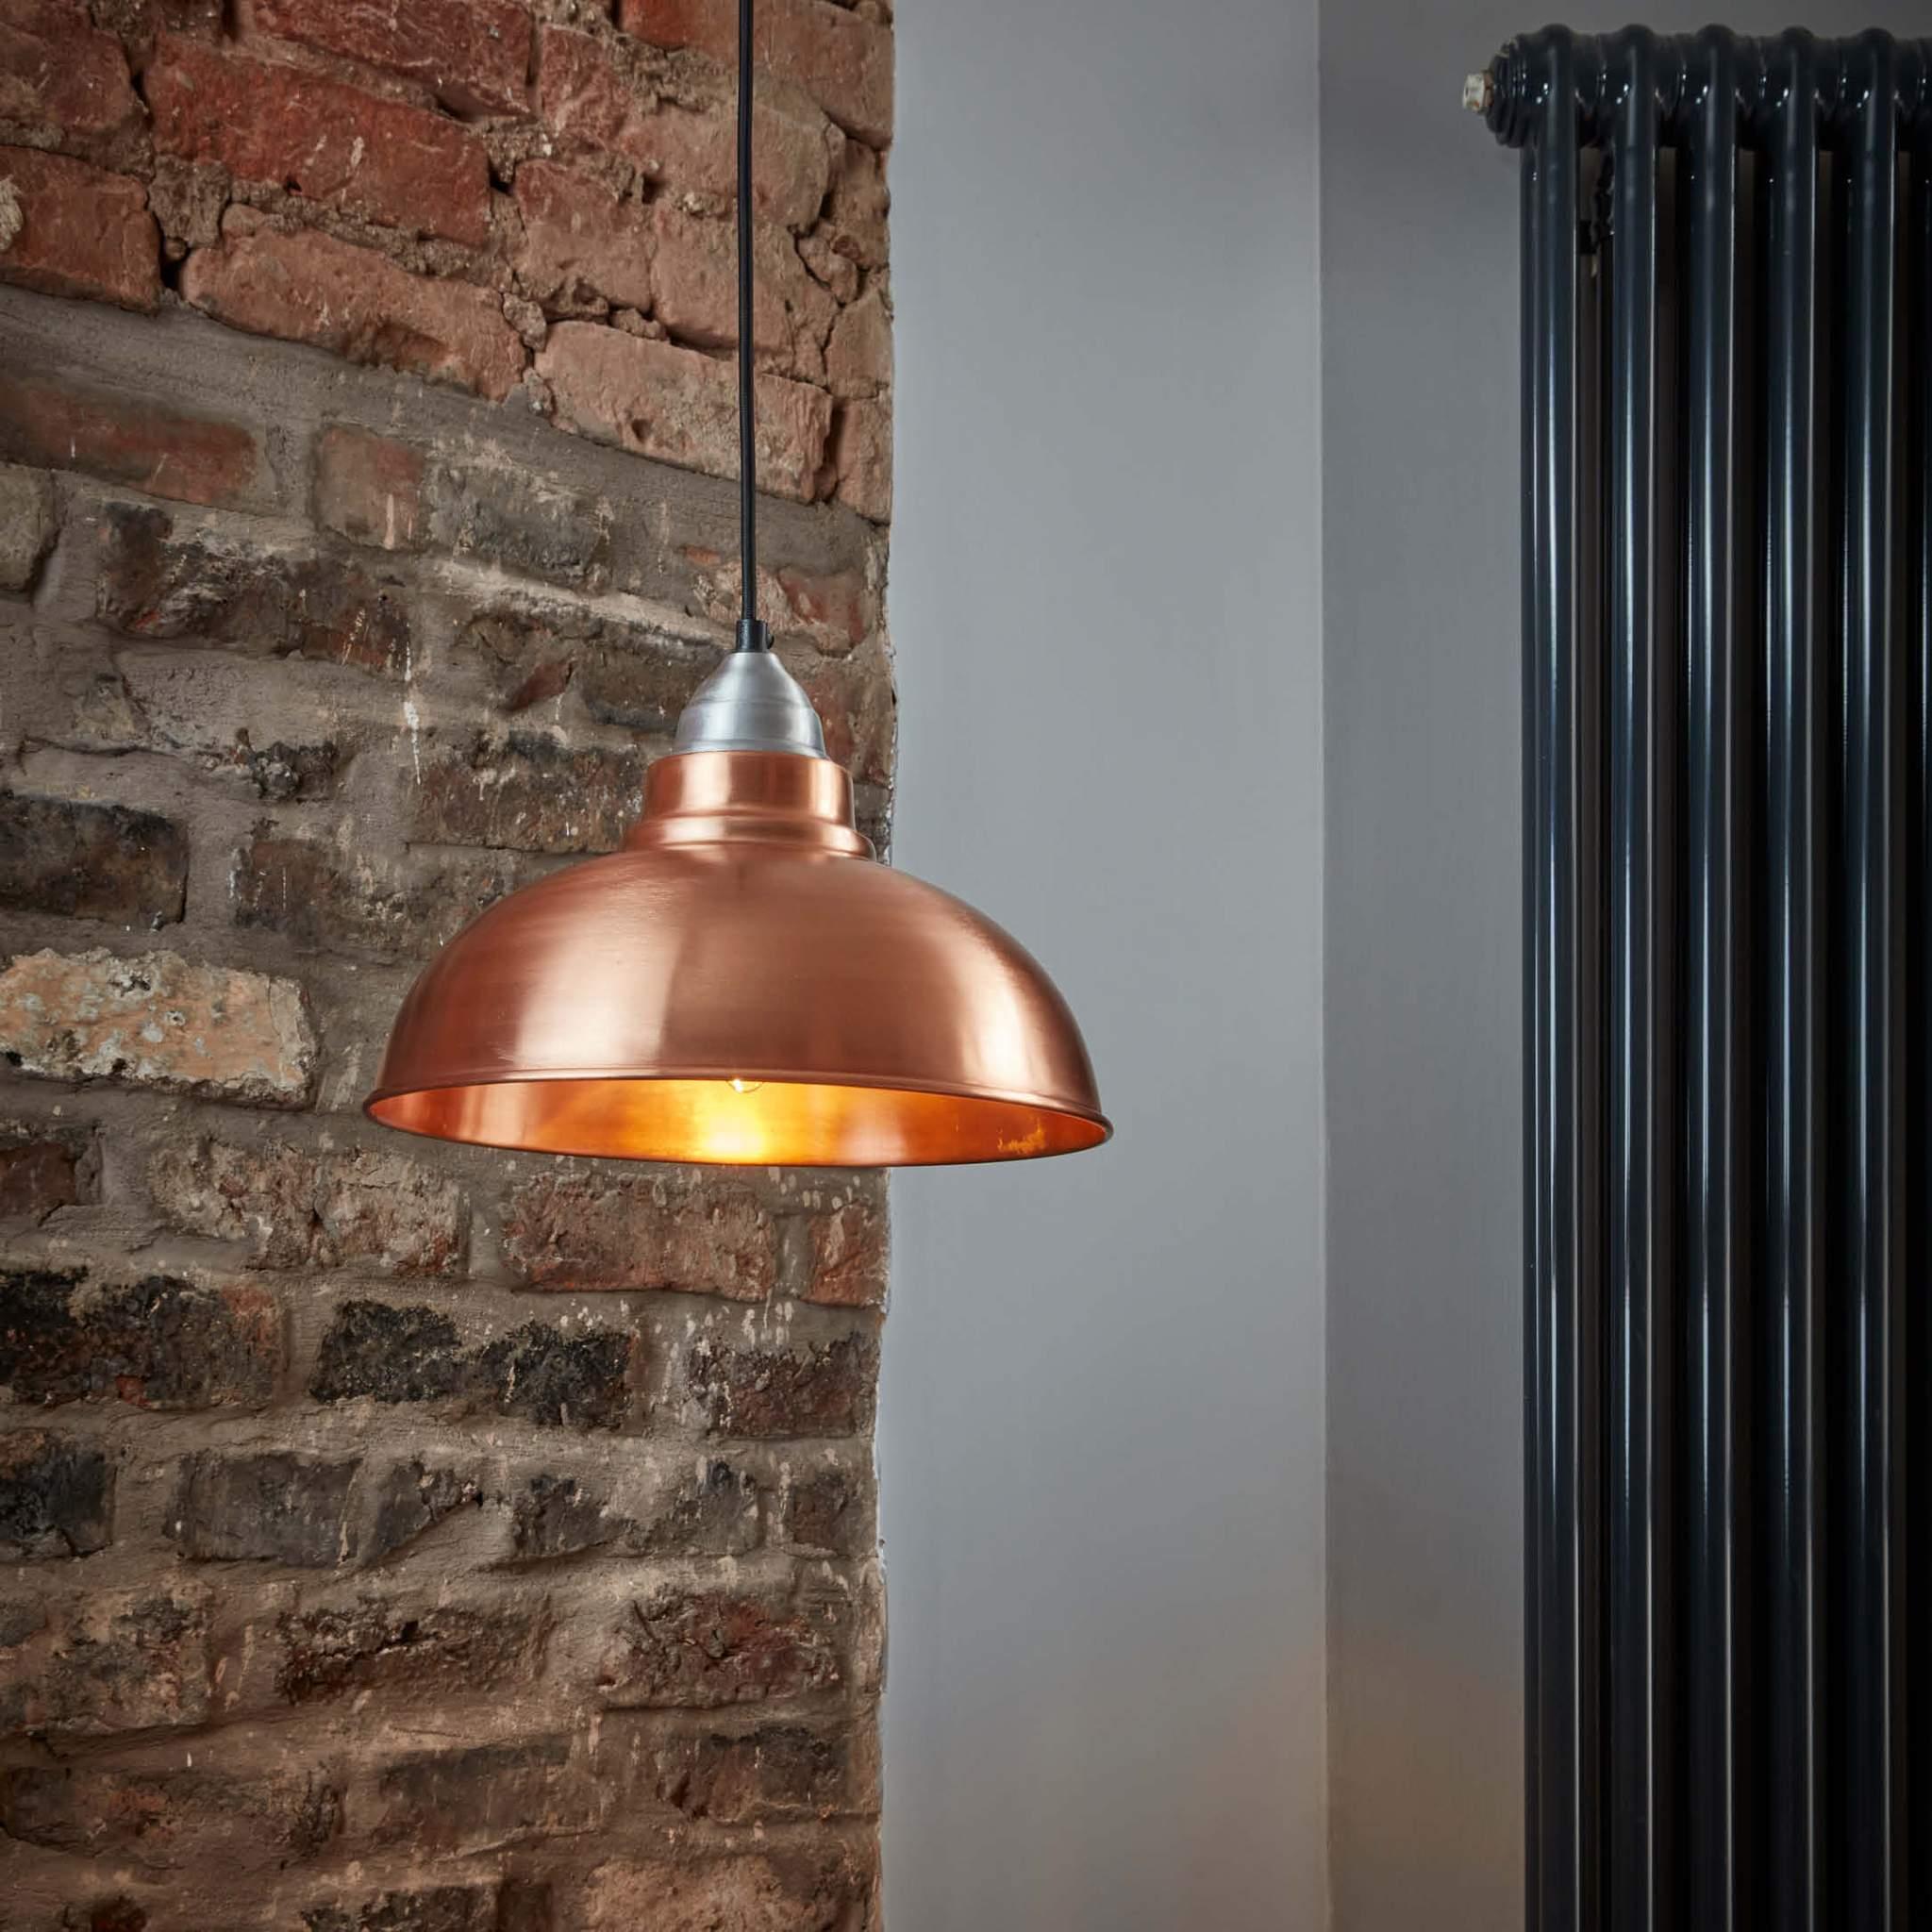 Industville Old Factory Vintage Pendant Light Copper 12 inch